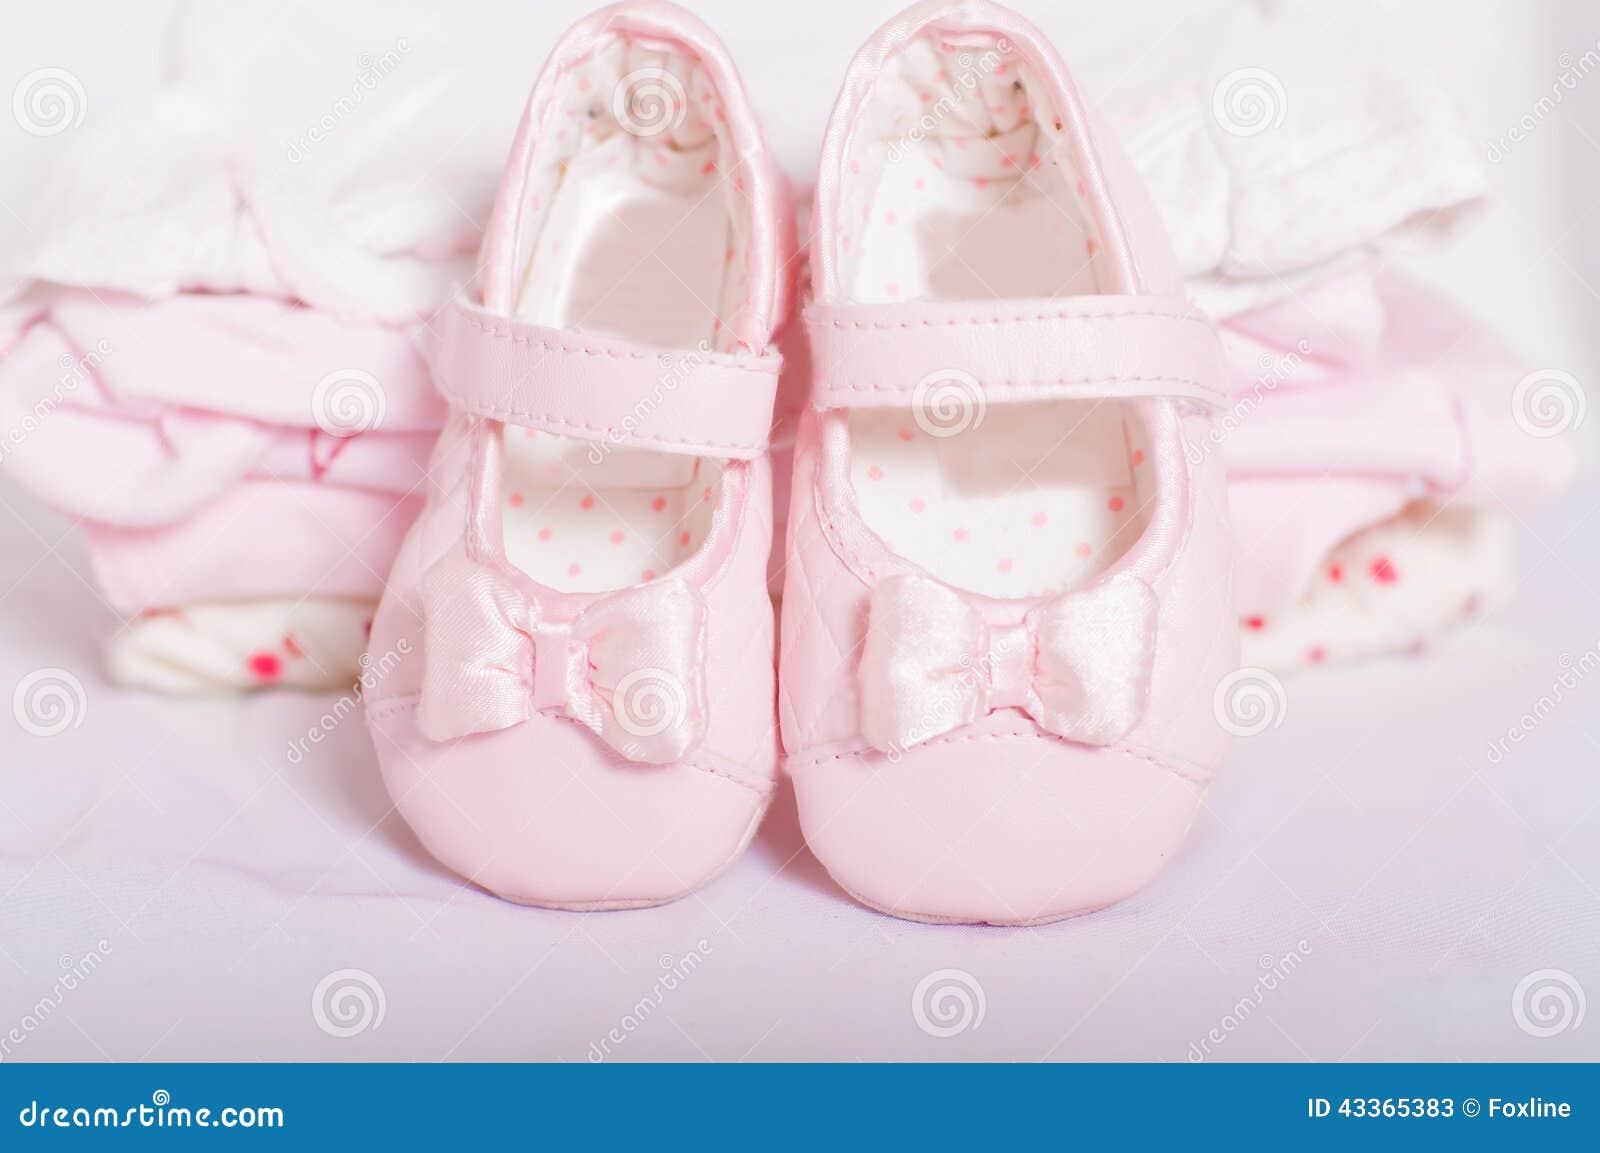 uk availability 127a2 3eec8 Kleine Rosa Babyschuhe Und Babykleidung Stockbild - Bild von ...